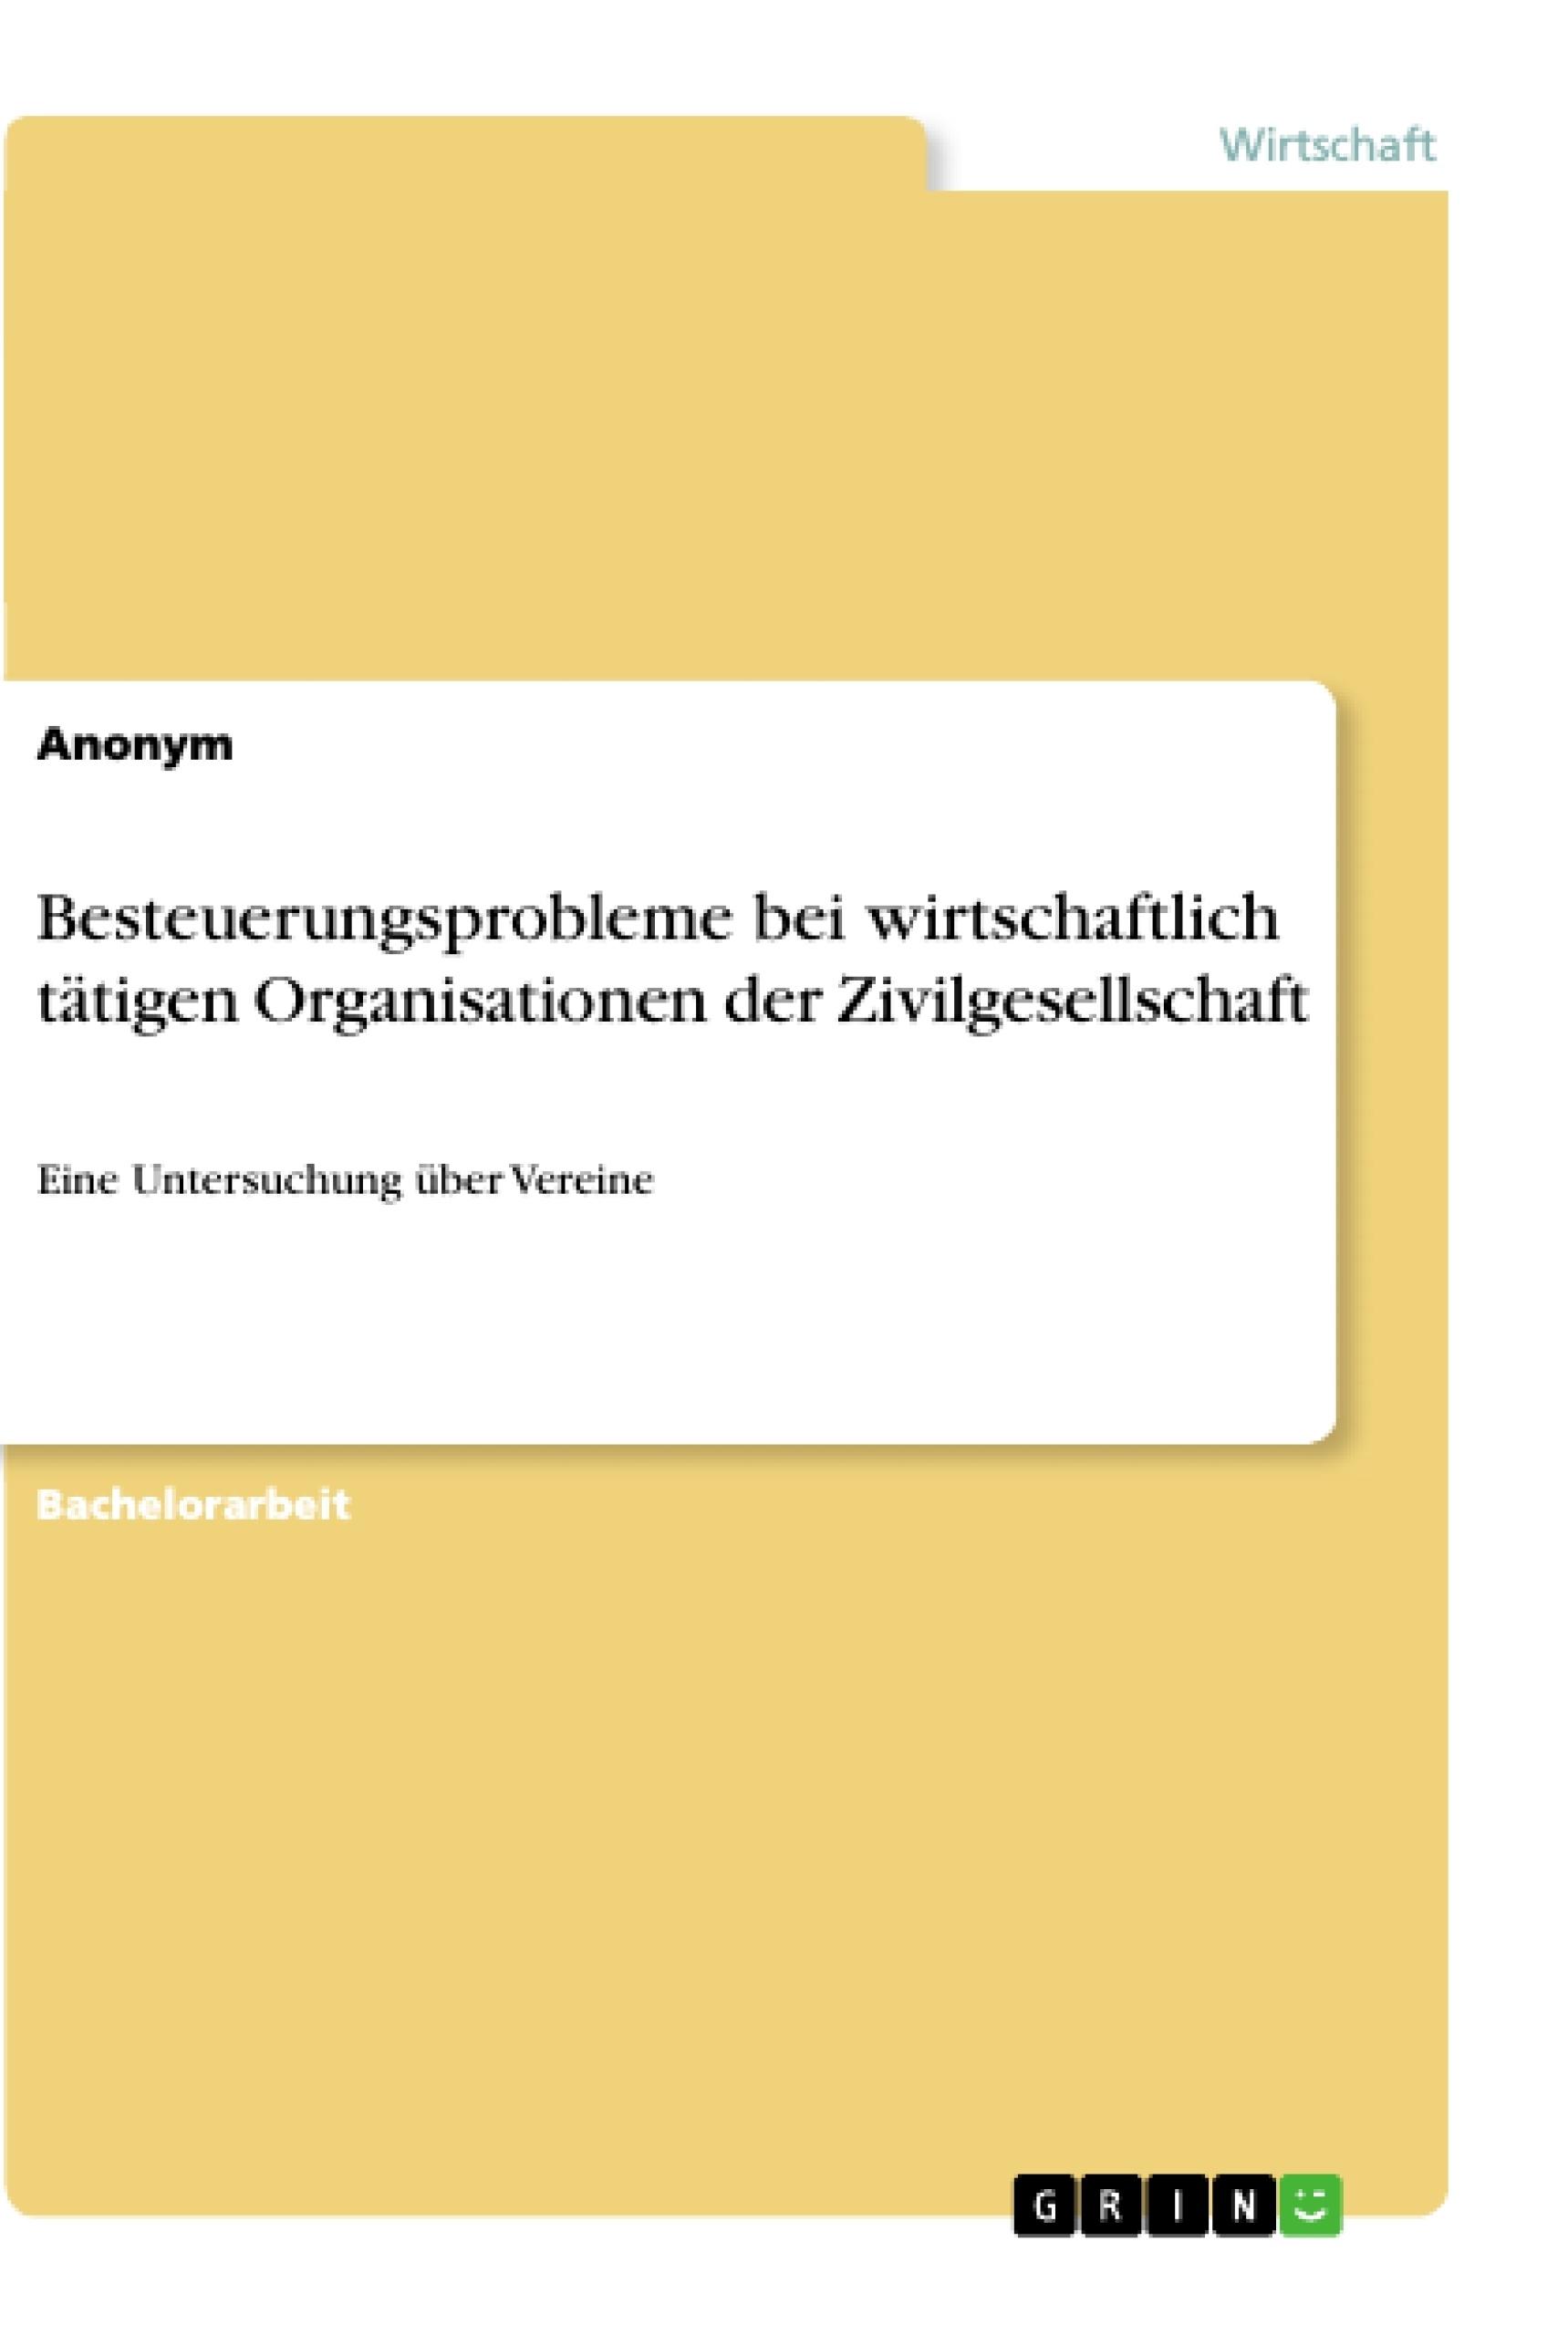 Titel: Besteuerungsprobleme bei wirtschaftlich tätigen Organisationen der Zivilgesellschaft